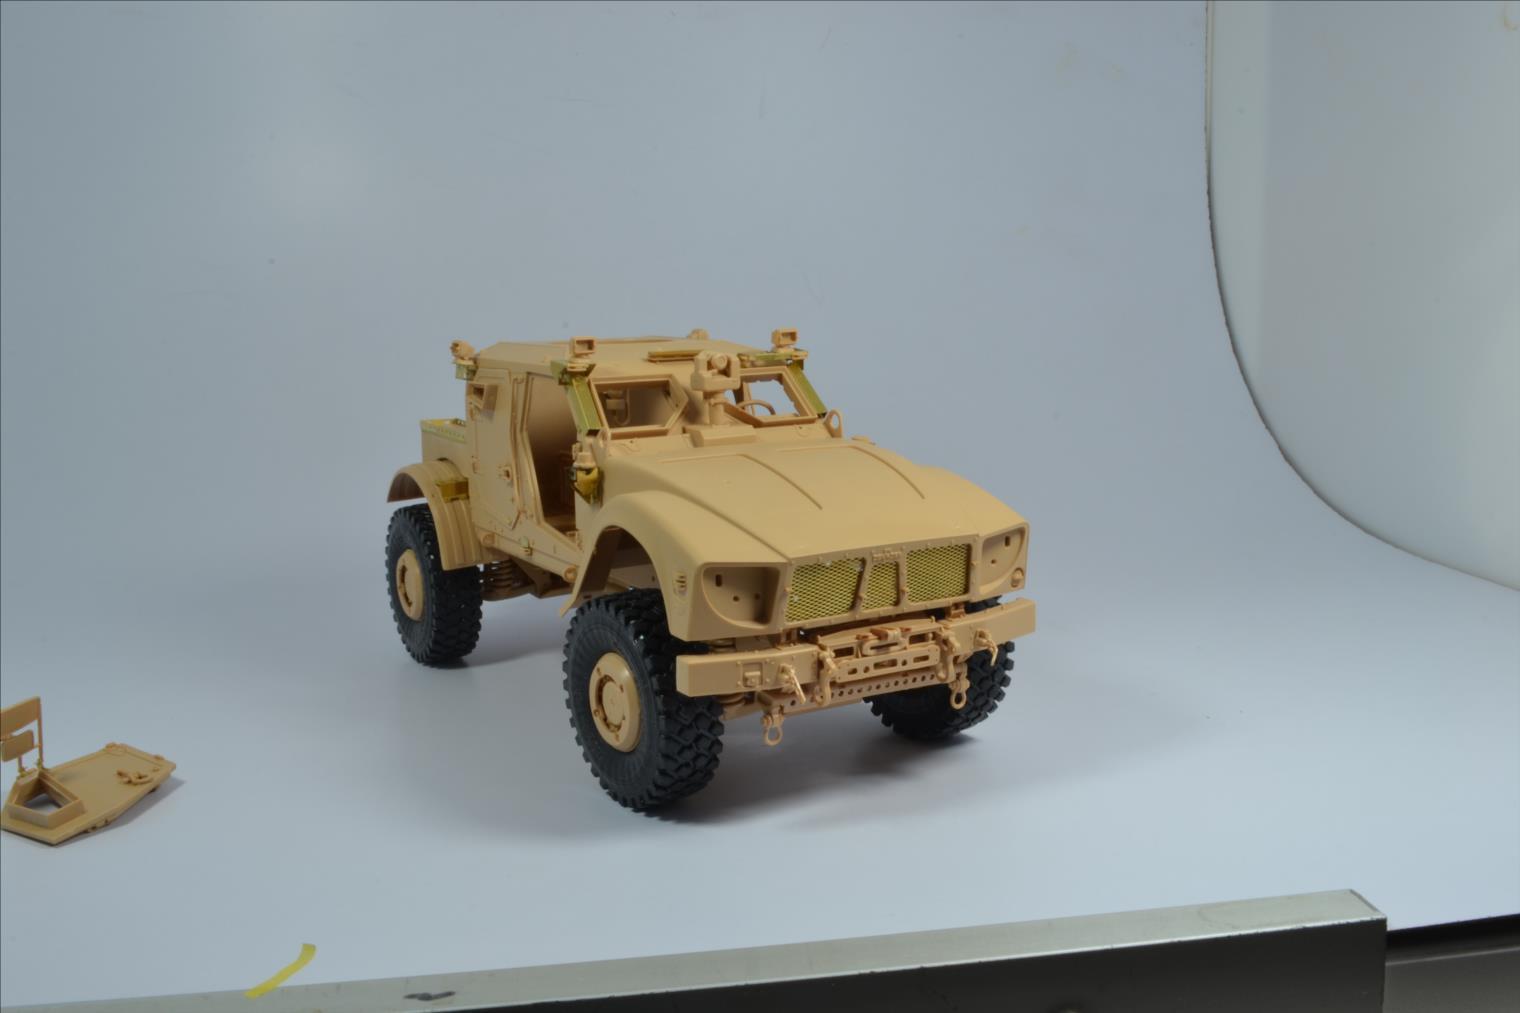 M 1240 A1 M-ATV 1/35 (RFM) - Page 2 20101407564522494217082150